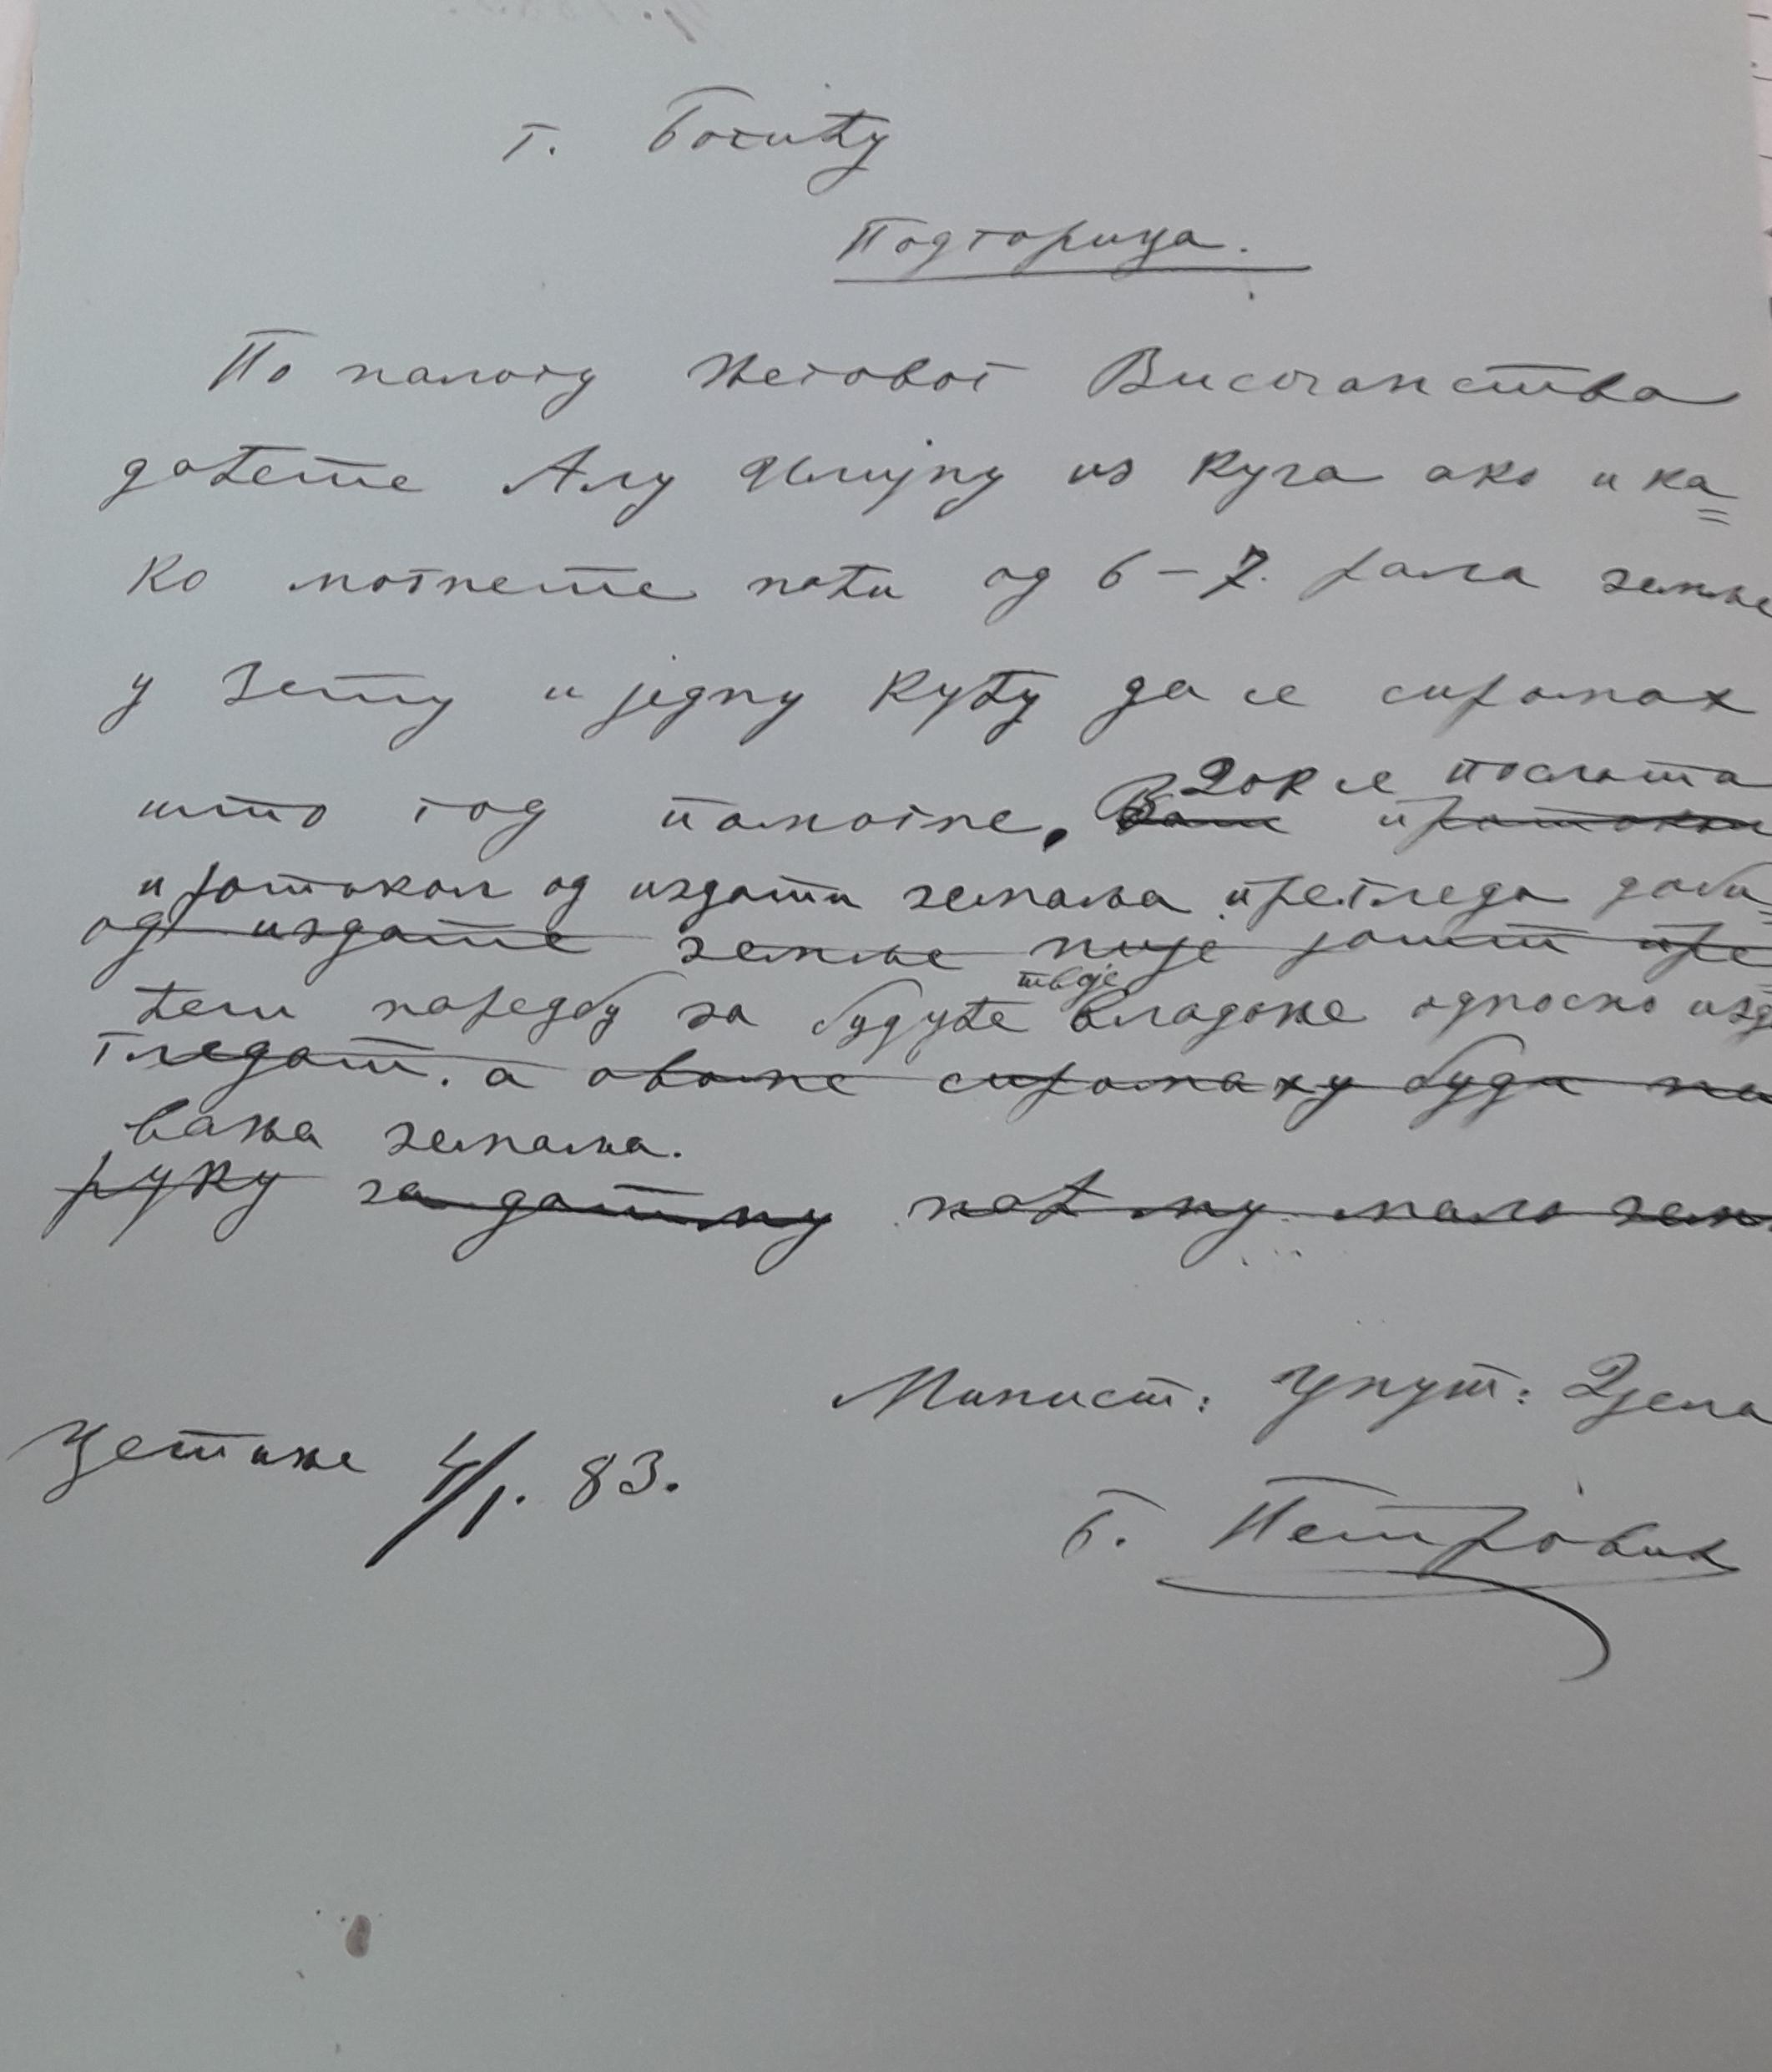 Naredba podgoričkom kapetanu Markoviću o dodjeli zemlje Alu Delijinu iz Kuča, MUD, januar 1883.